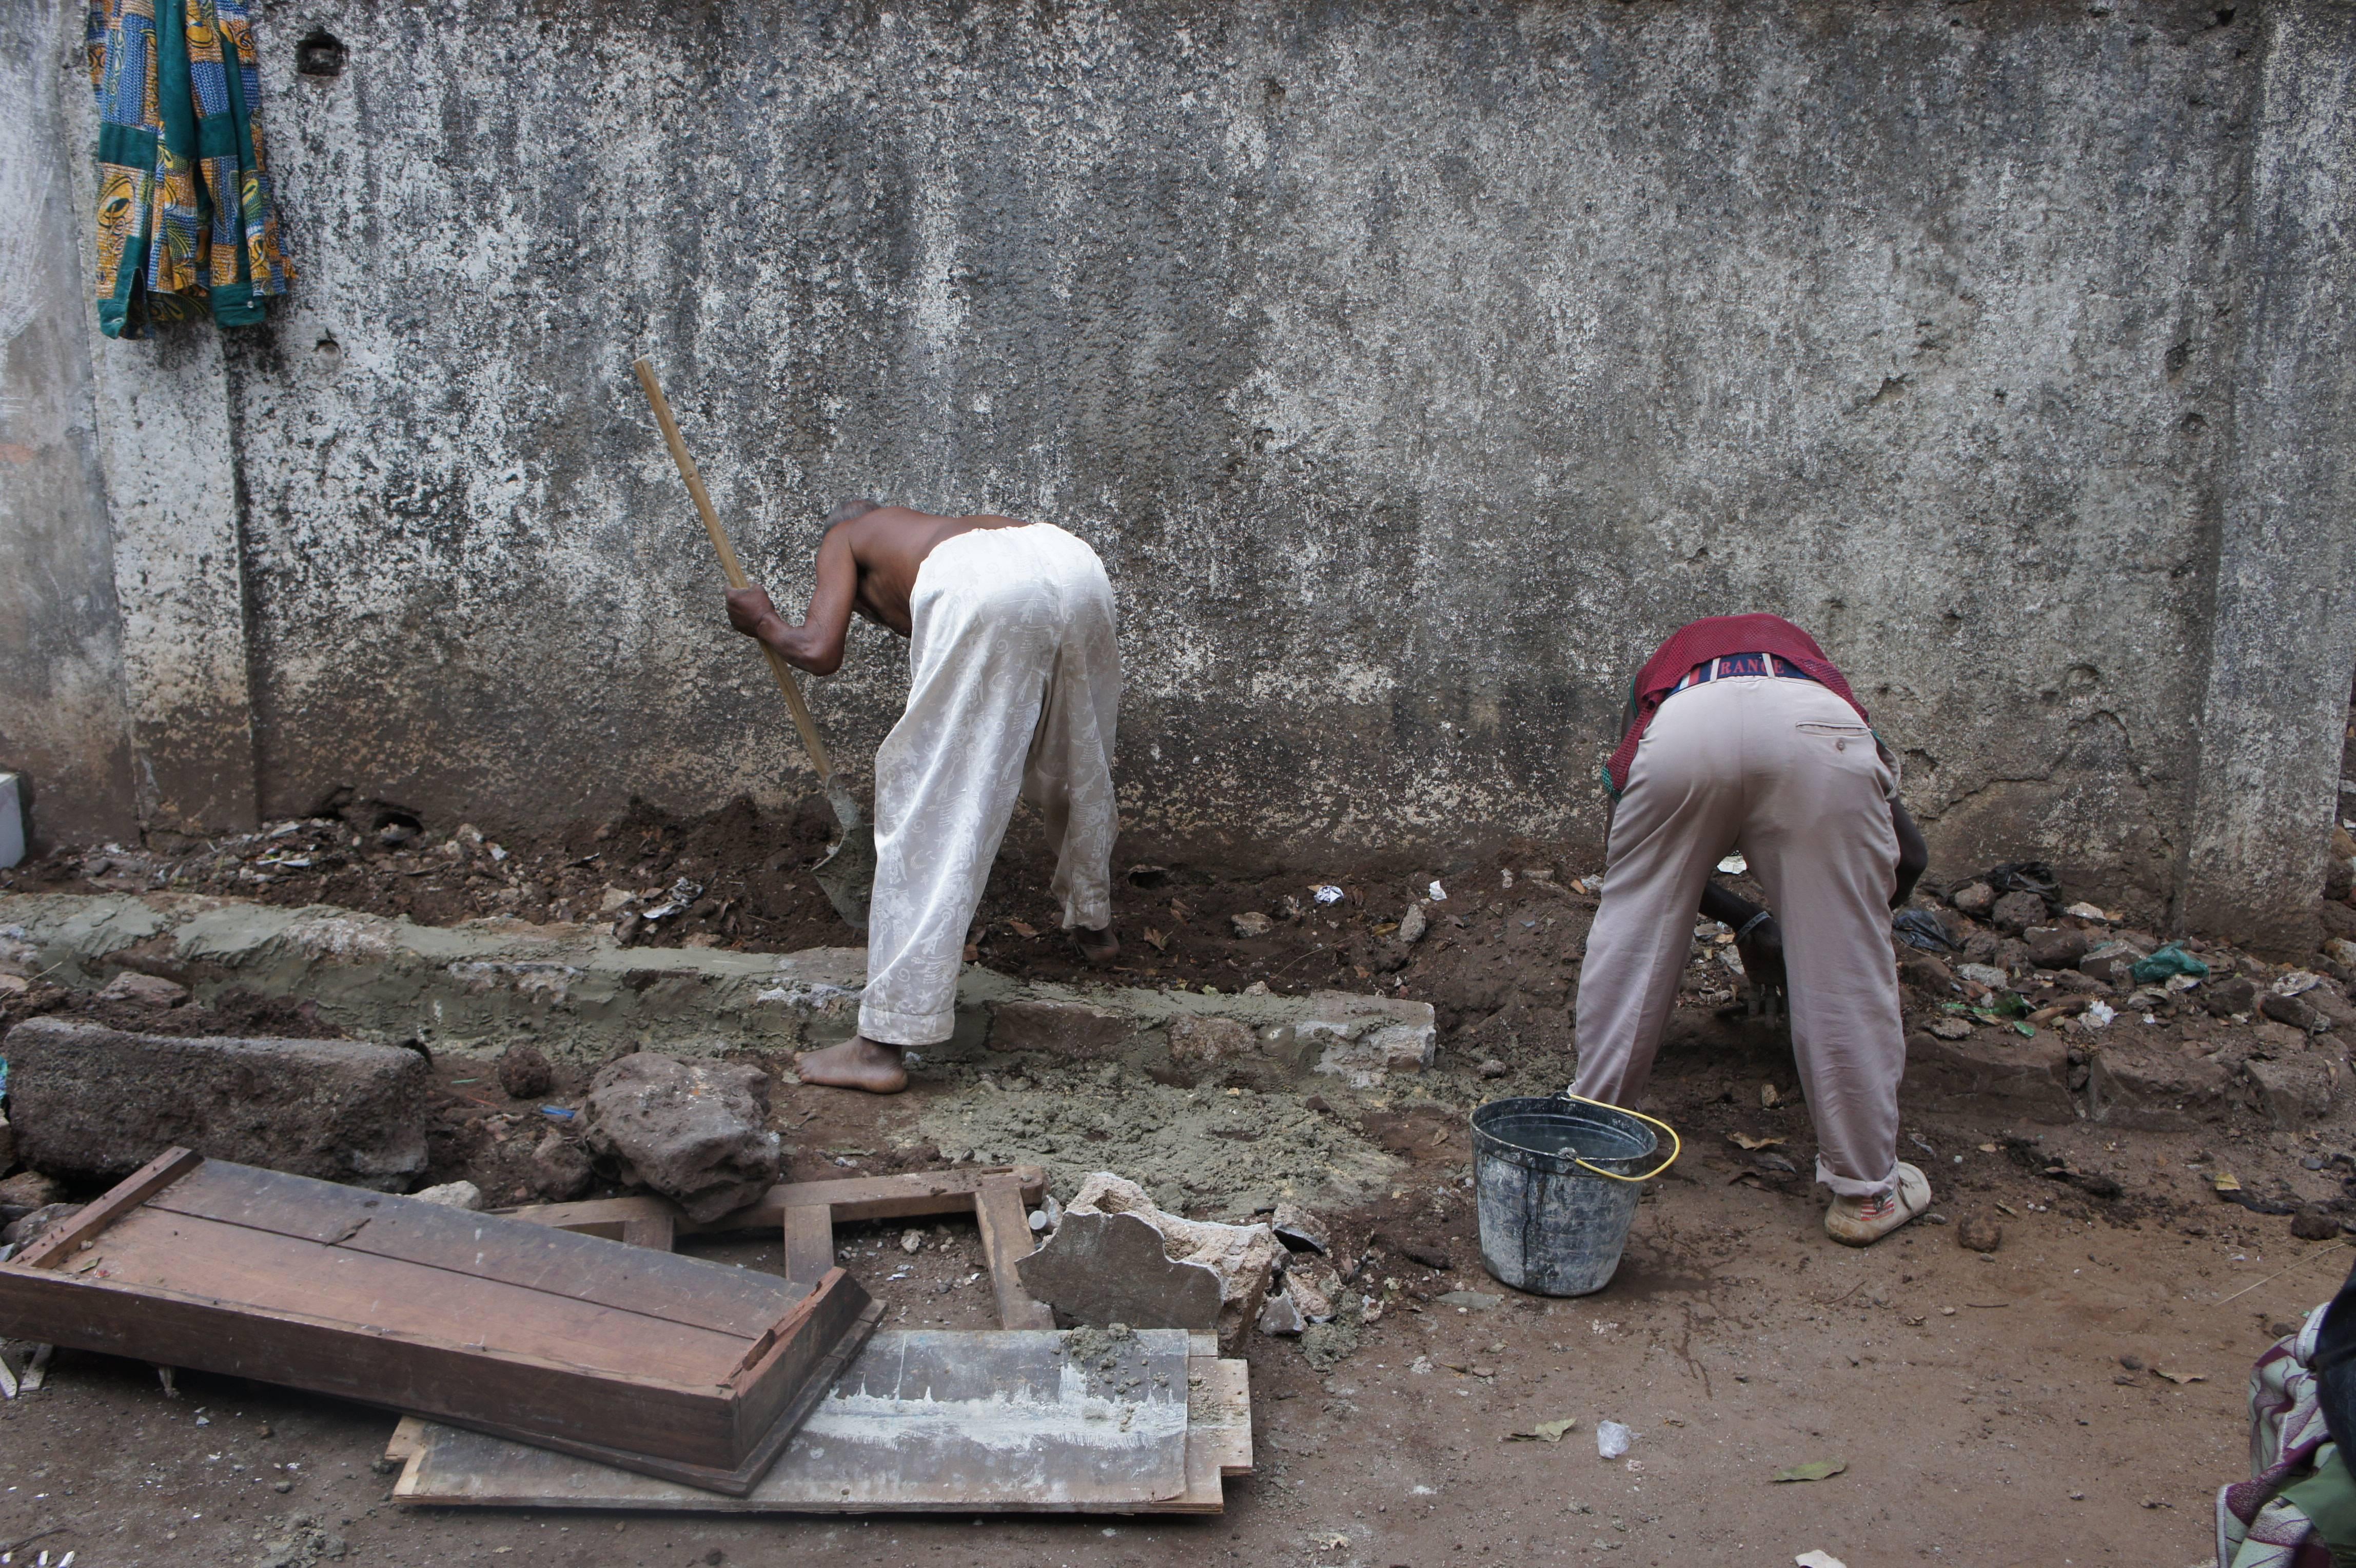 Tombo II Primary School Administrators Working